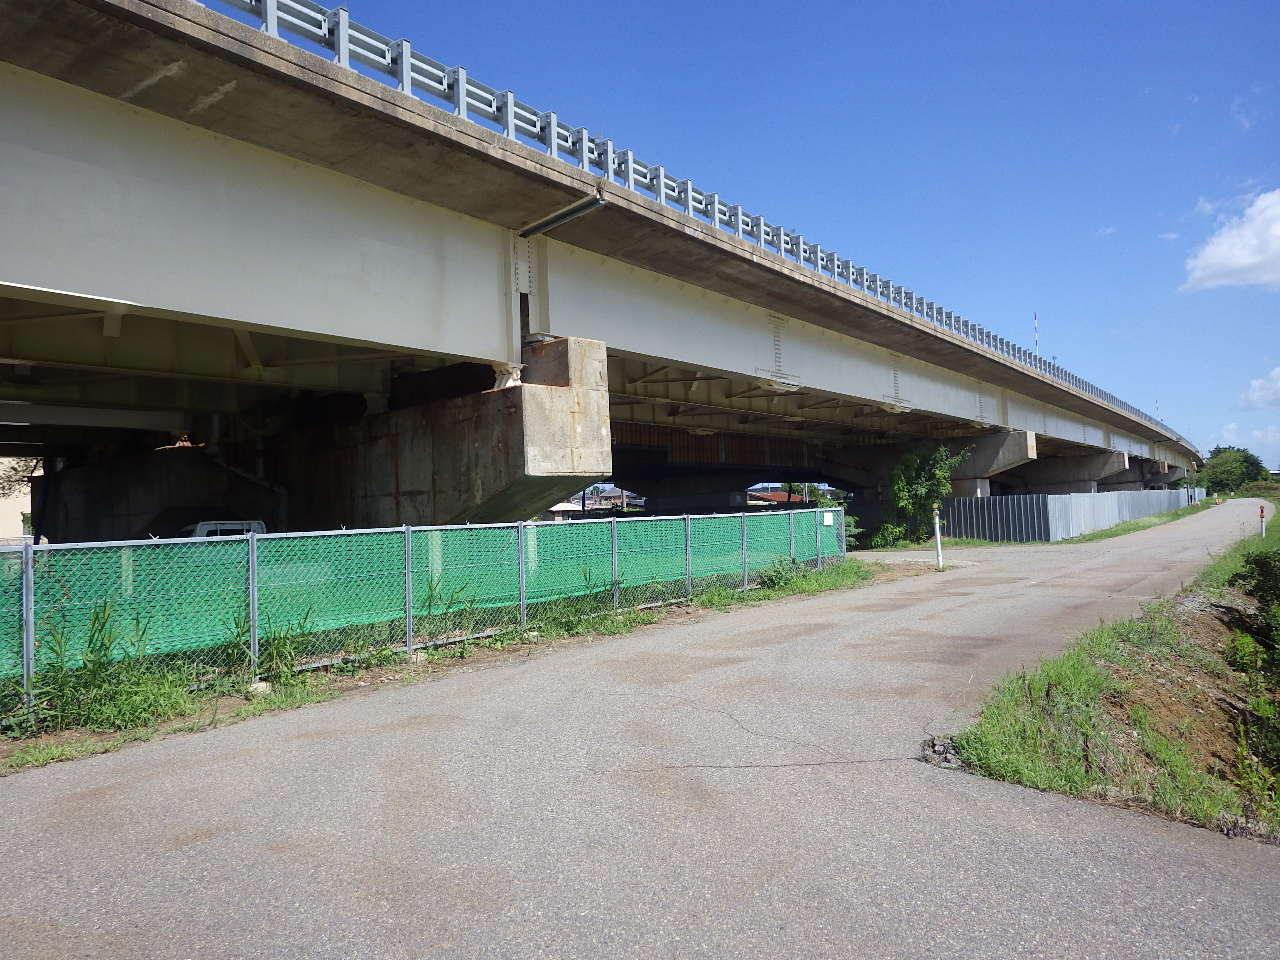 画像:北陸自動車道 梯川橋(かけはしがわはし)(上り線)塗替塗装工事(平成28年度)